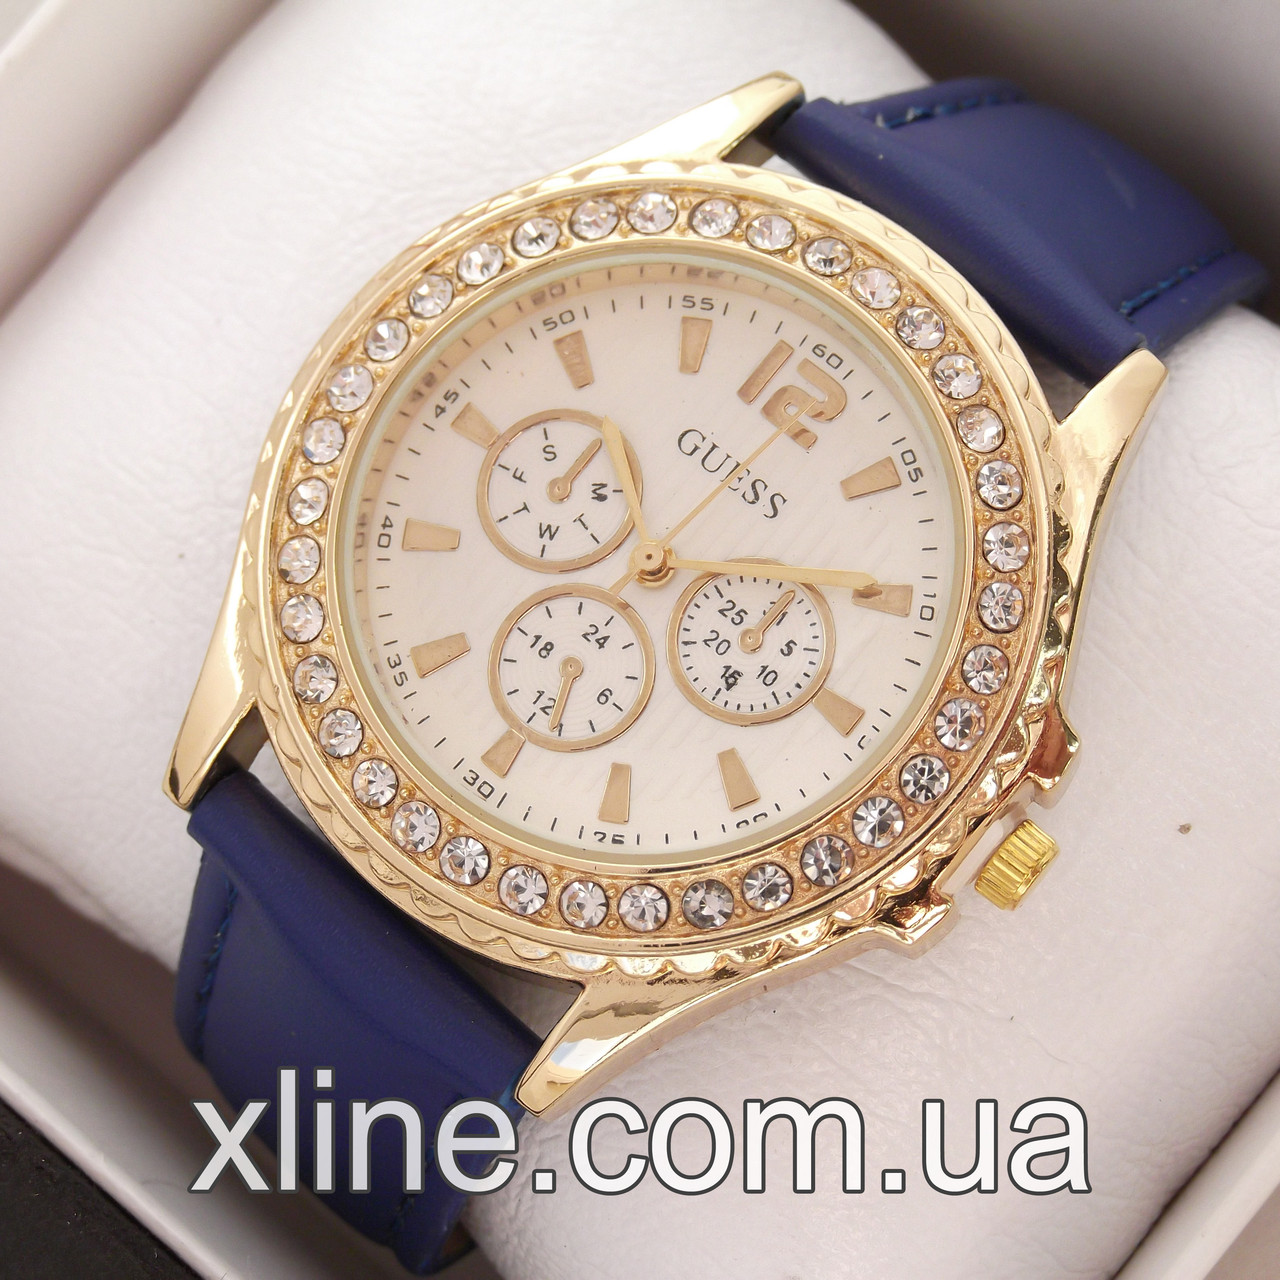 Жіночі наручні годинники Guess M179 на шкіряному ремінці